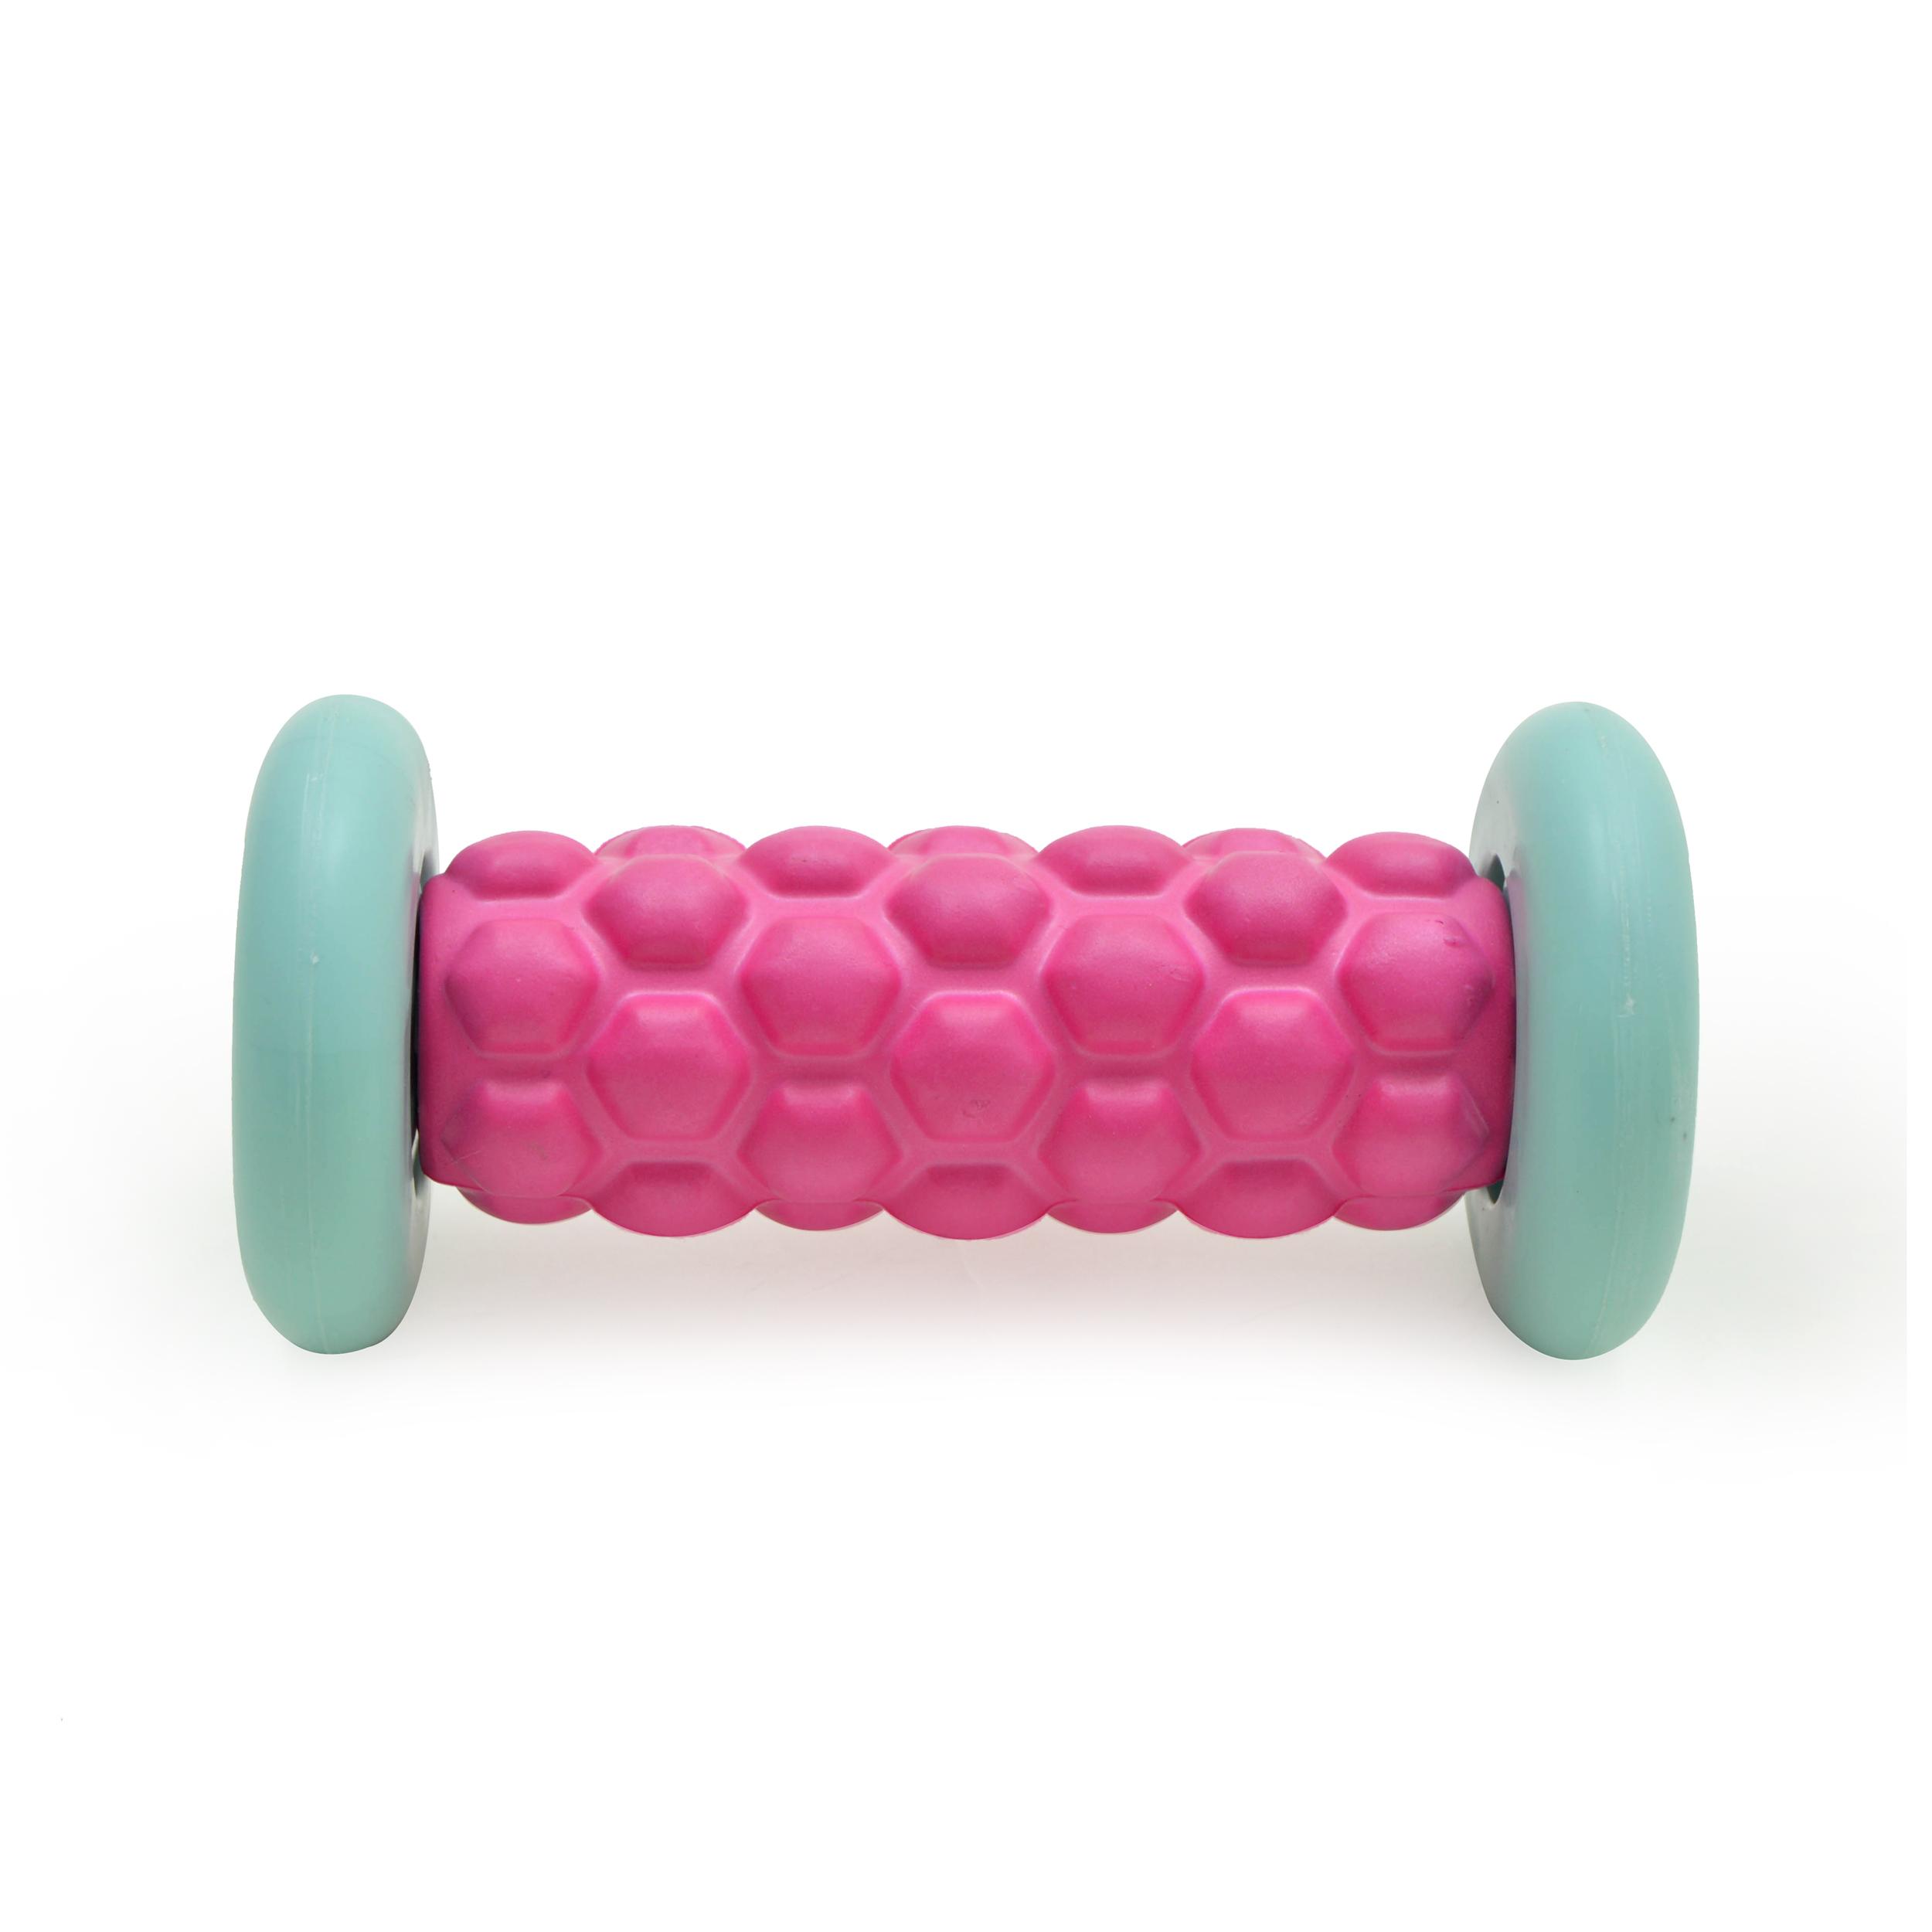 Zen Power Massage Fuß-Roller, kleine Faszien-Rolle 16x7,5 cm,pink/mint